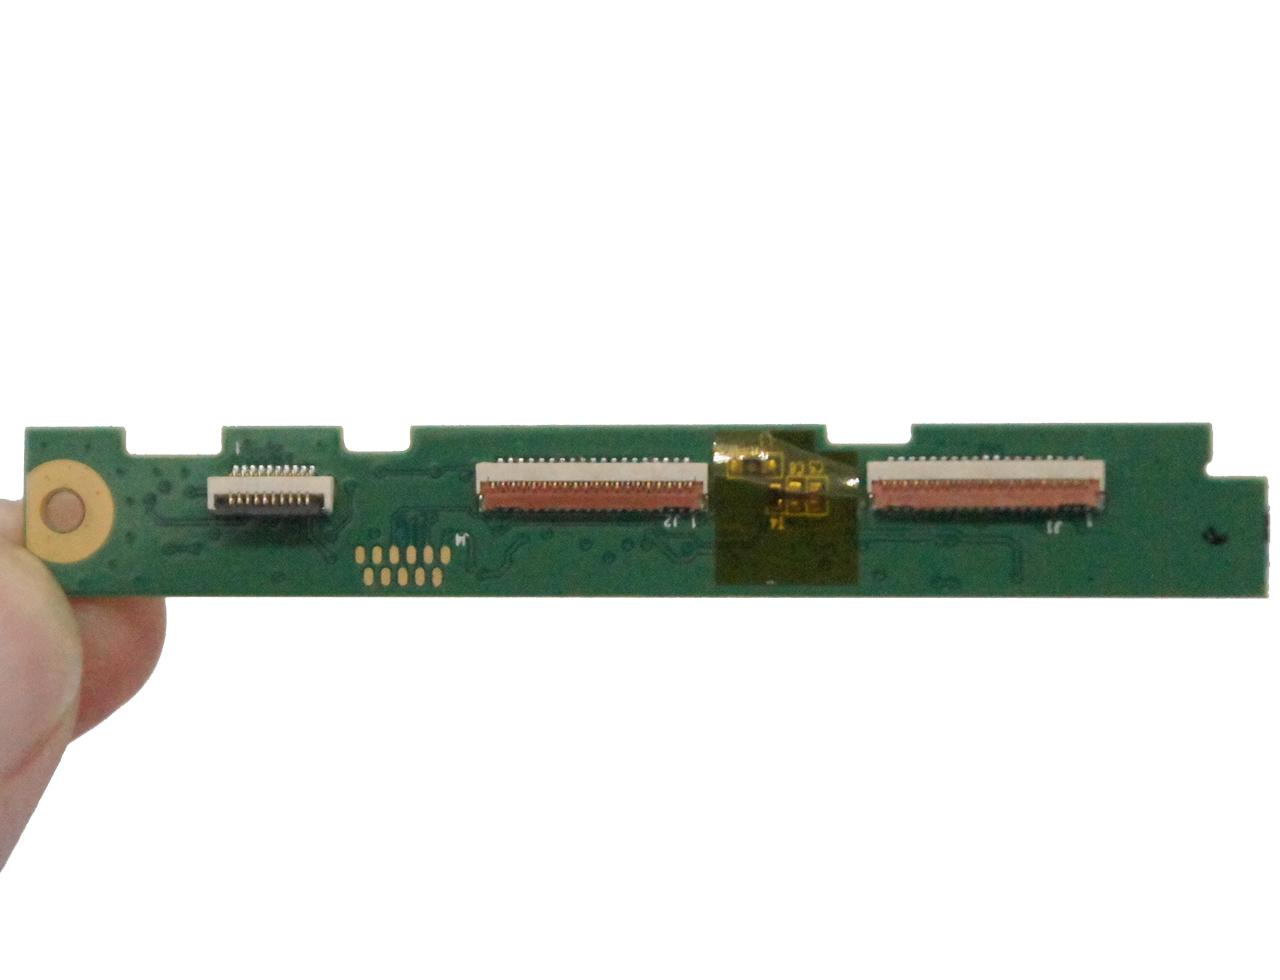 新到货270pcs 联想lenovo  MIIX 3-1030  触摸屏小板 BEH4A1166A Martini A1411 A1504 A1506 A1501 A1505 1 ekth3374by PCB-TPFY10113E-02X-J e170968 beh4a1023a 触摸屏 小板